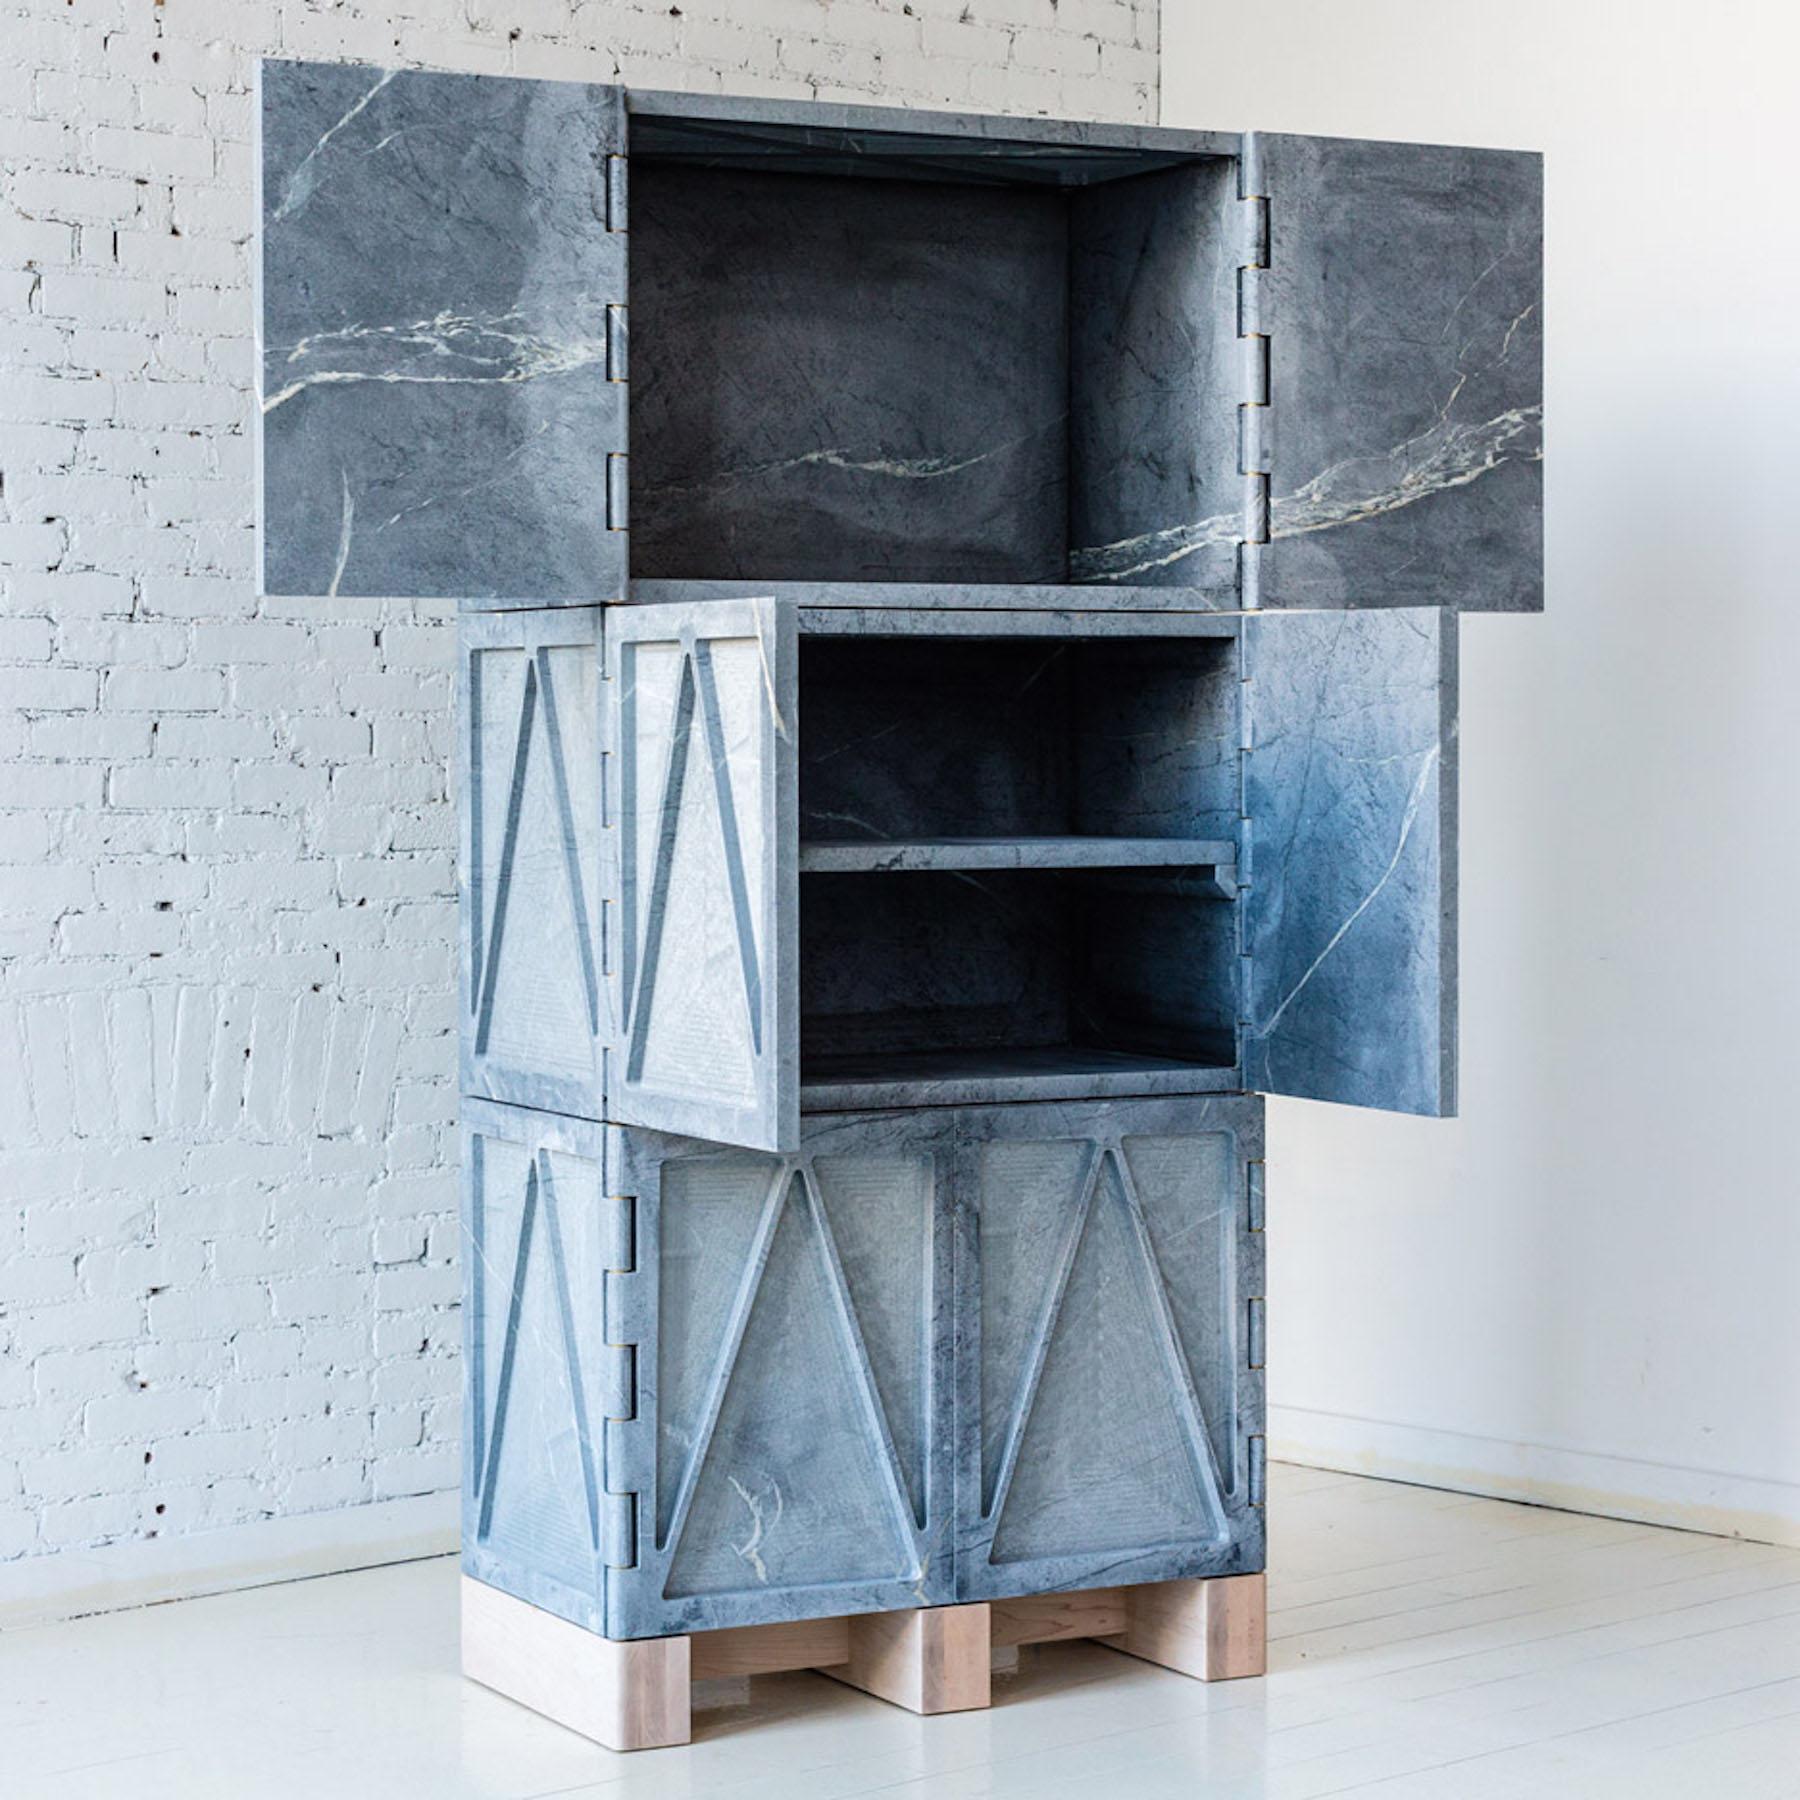 iGNANT-Design-Fort-Standard-06